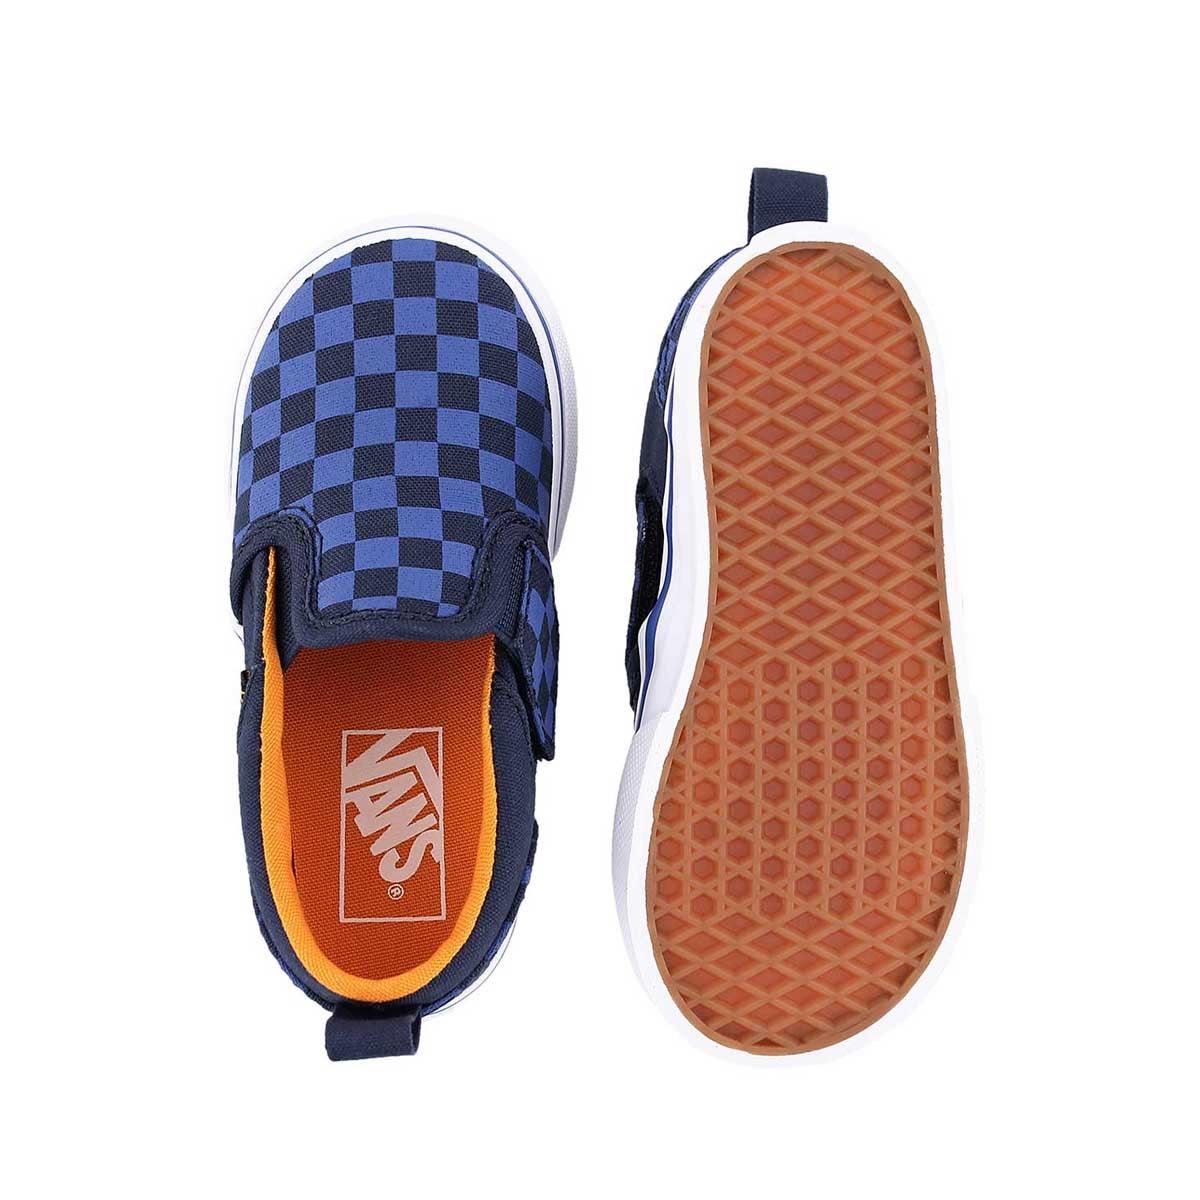 Infs Asher blu checkered slip on sneaker